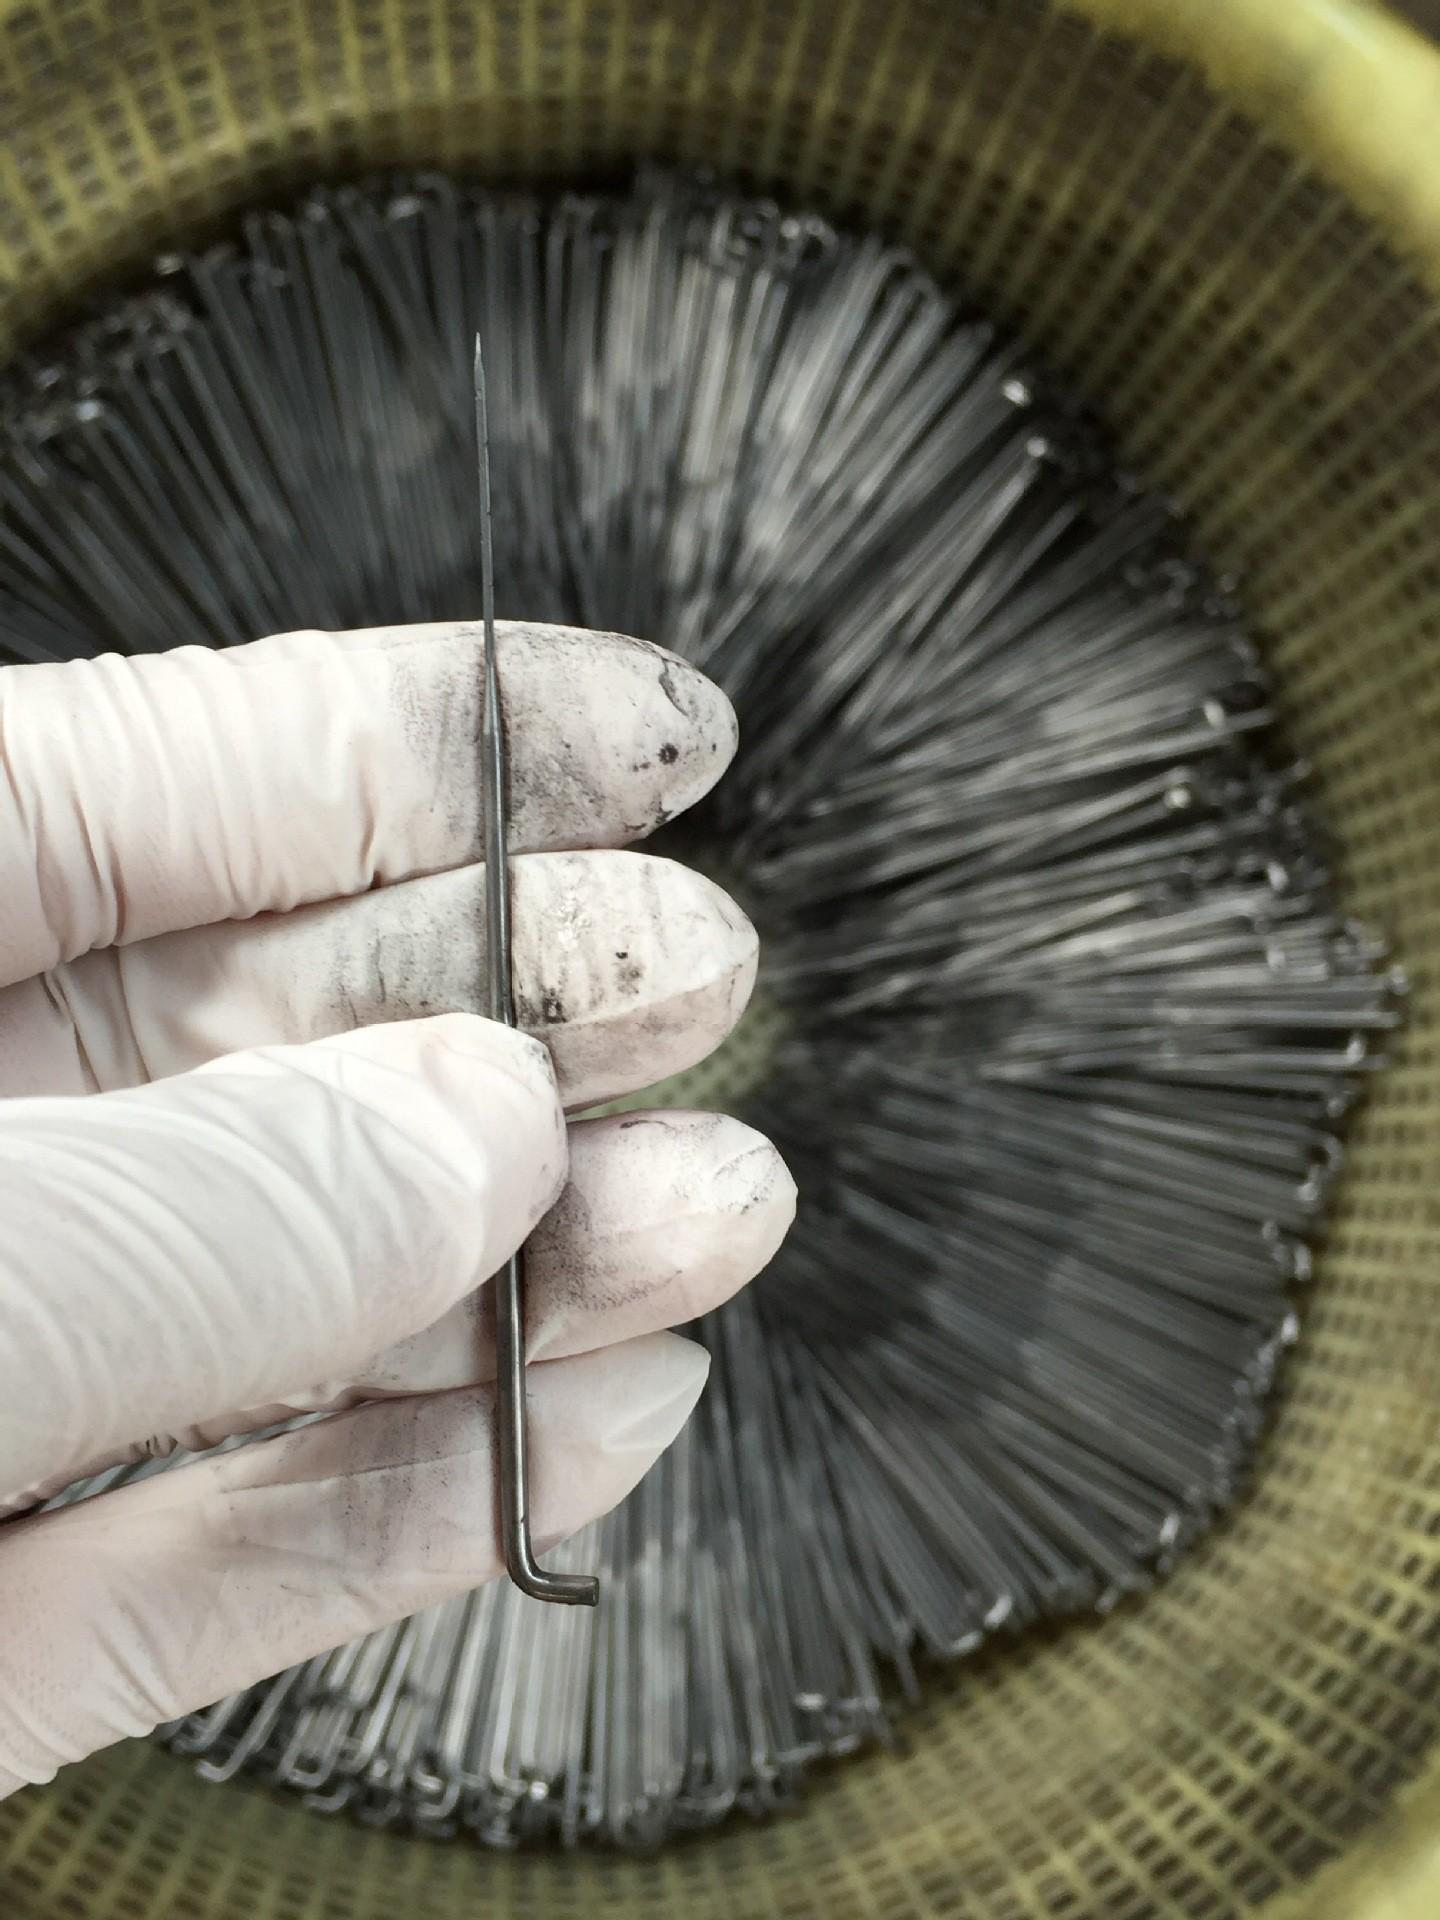 三角植绒针抛光针纺织机械纺机配件